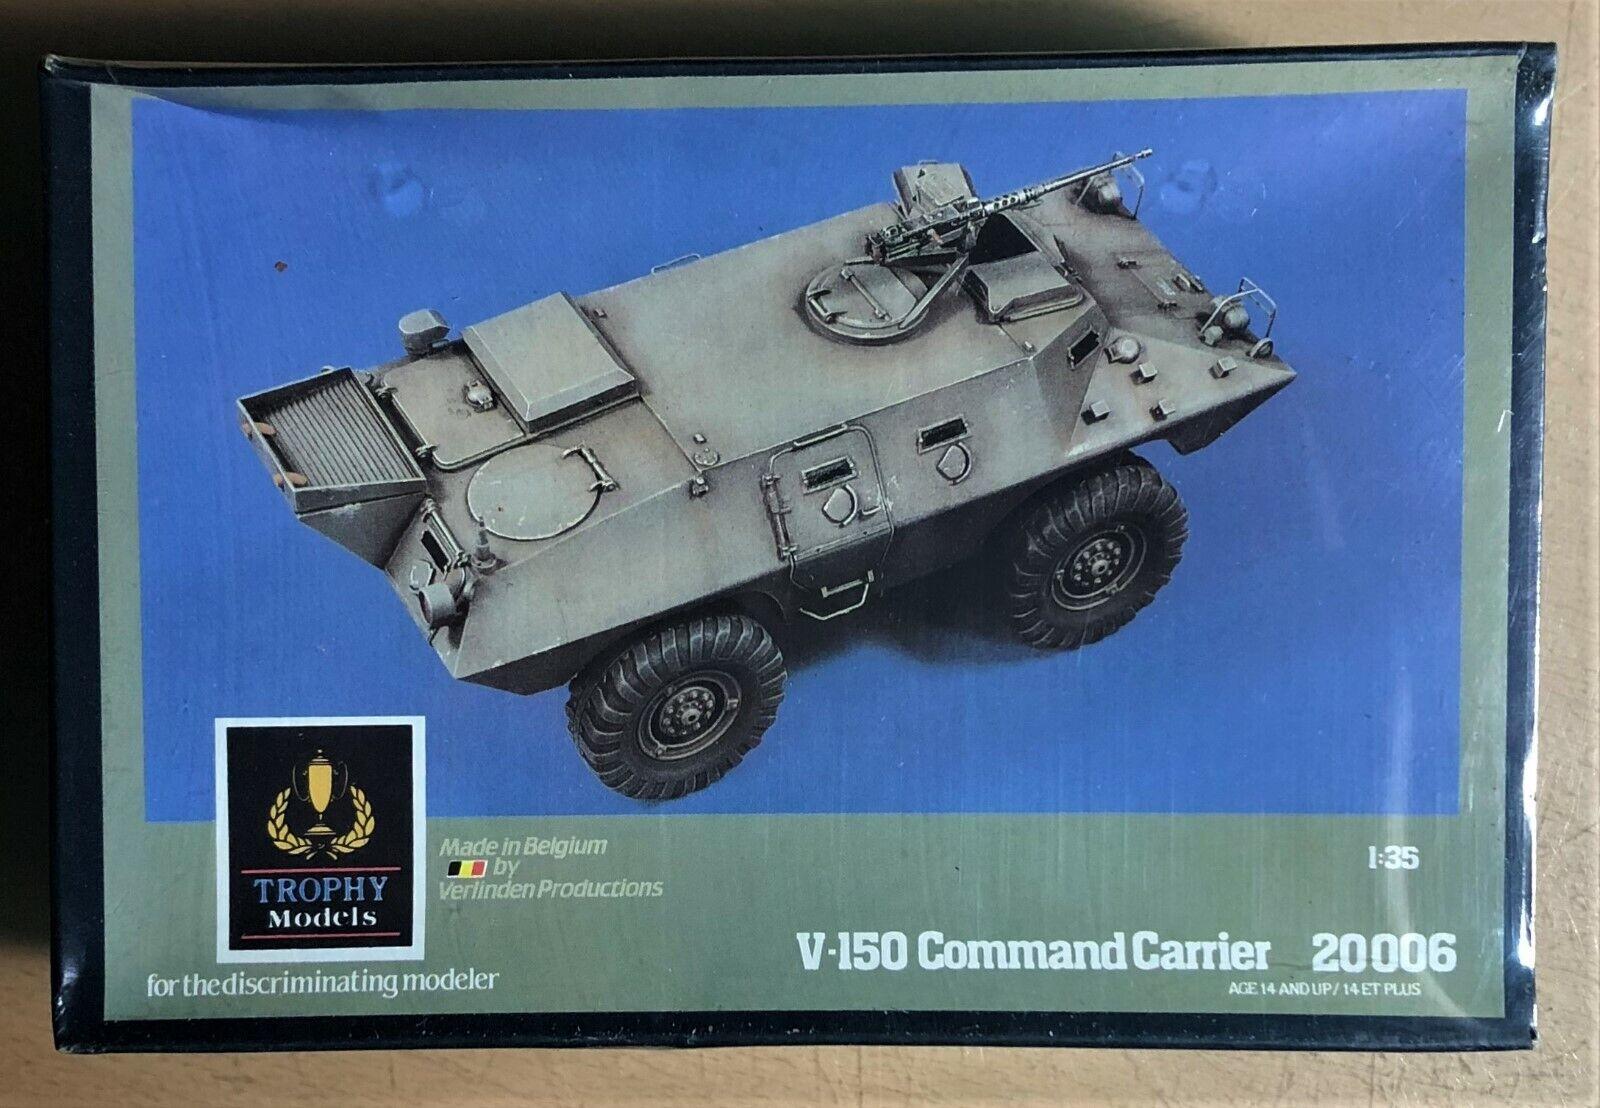 TROPHY MODELS (VERLINDEN) 20006 - V-150 COMMAND CARRIER - 1 35 RESIN KIT